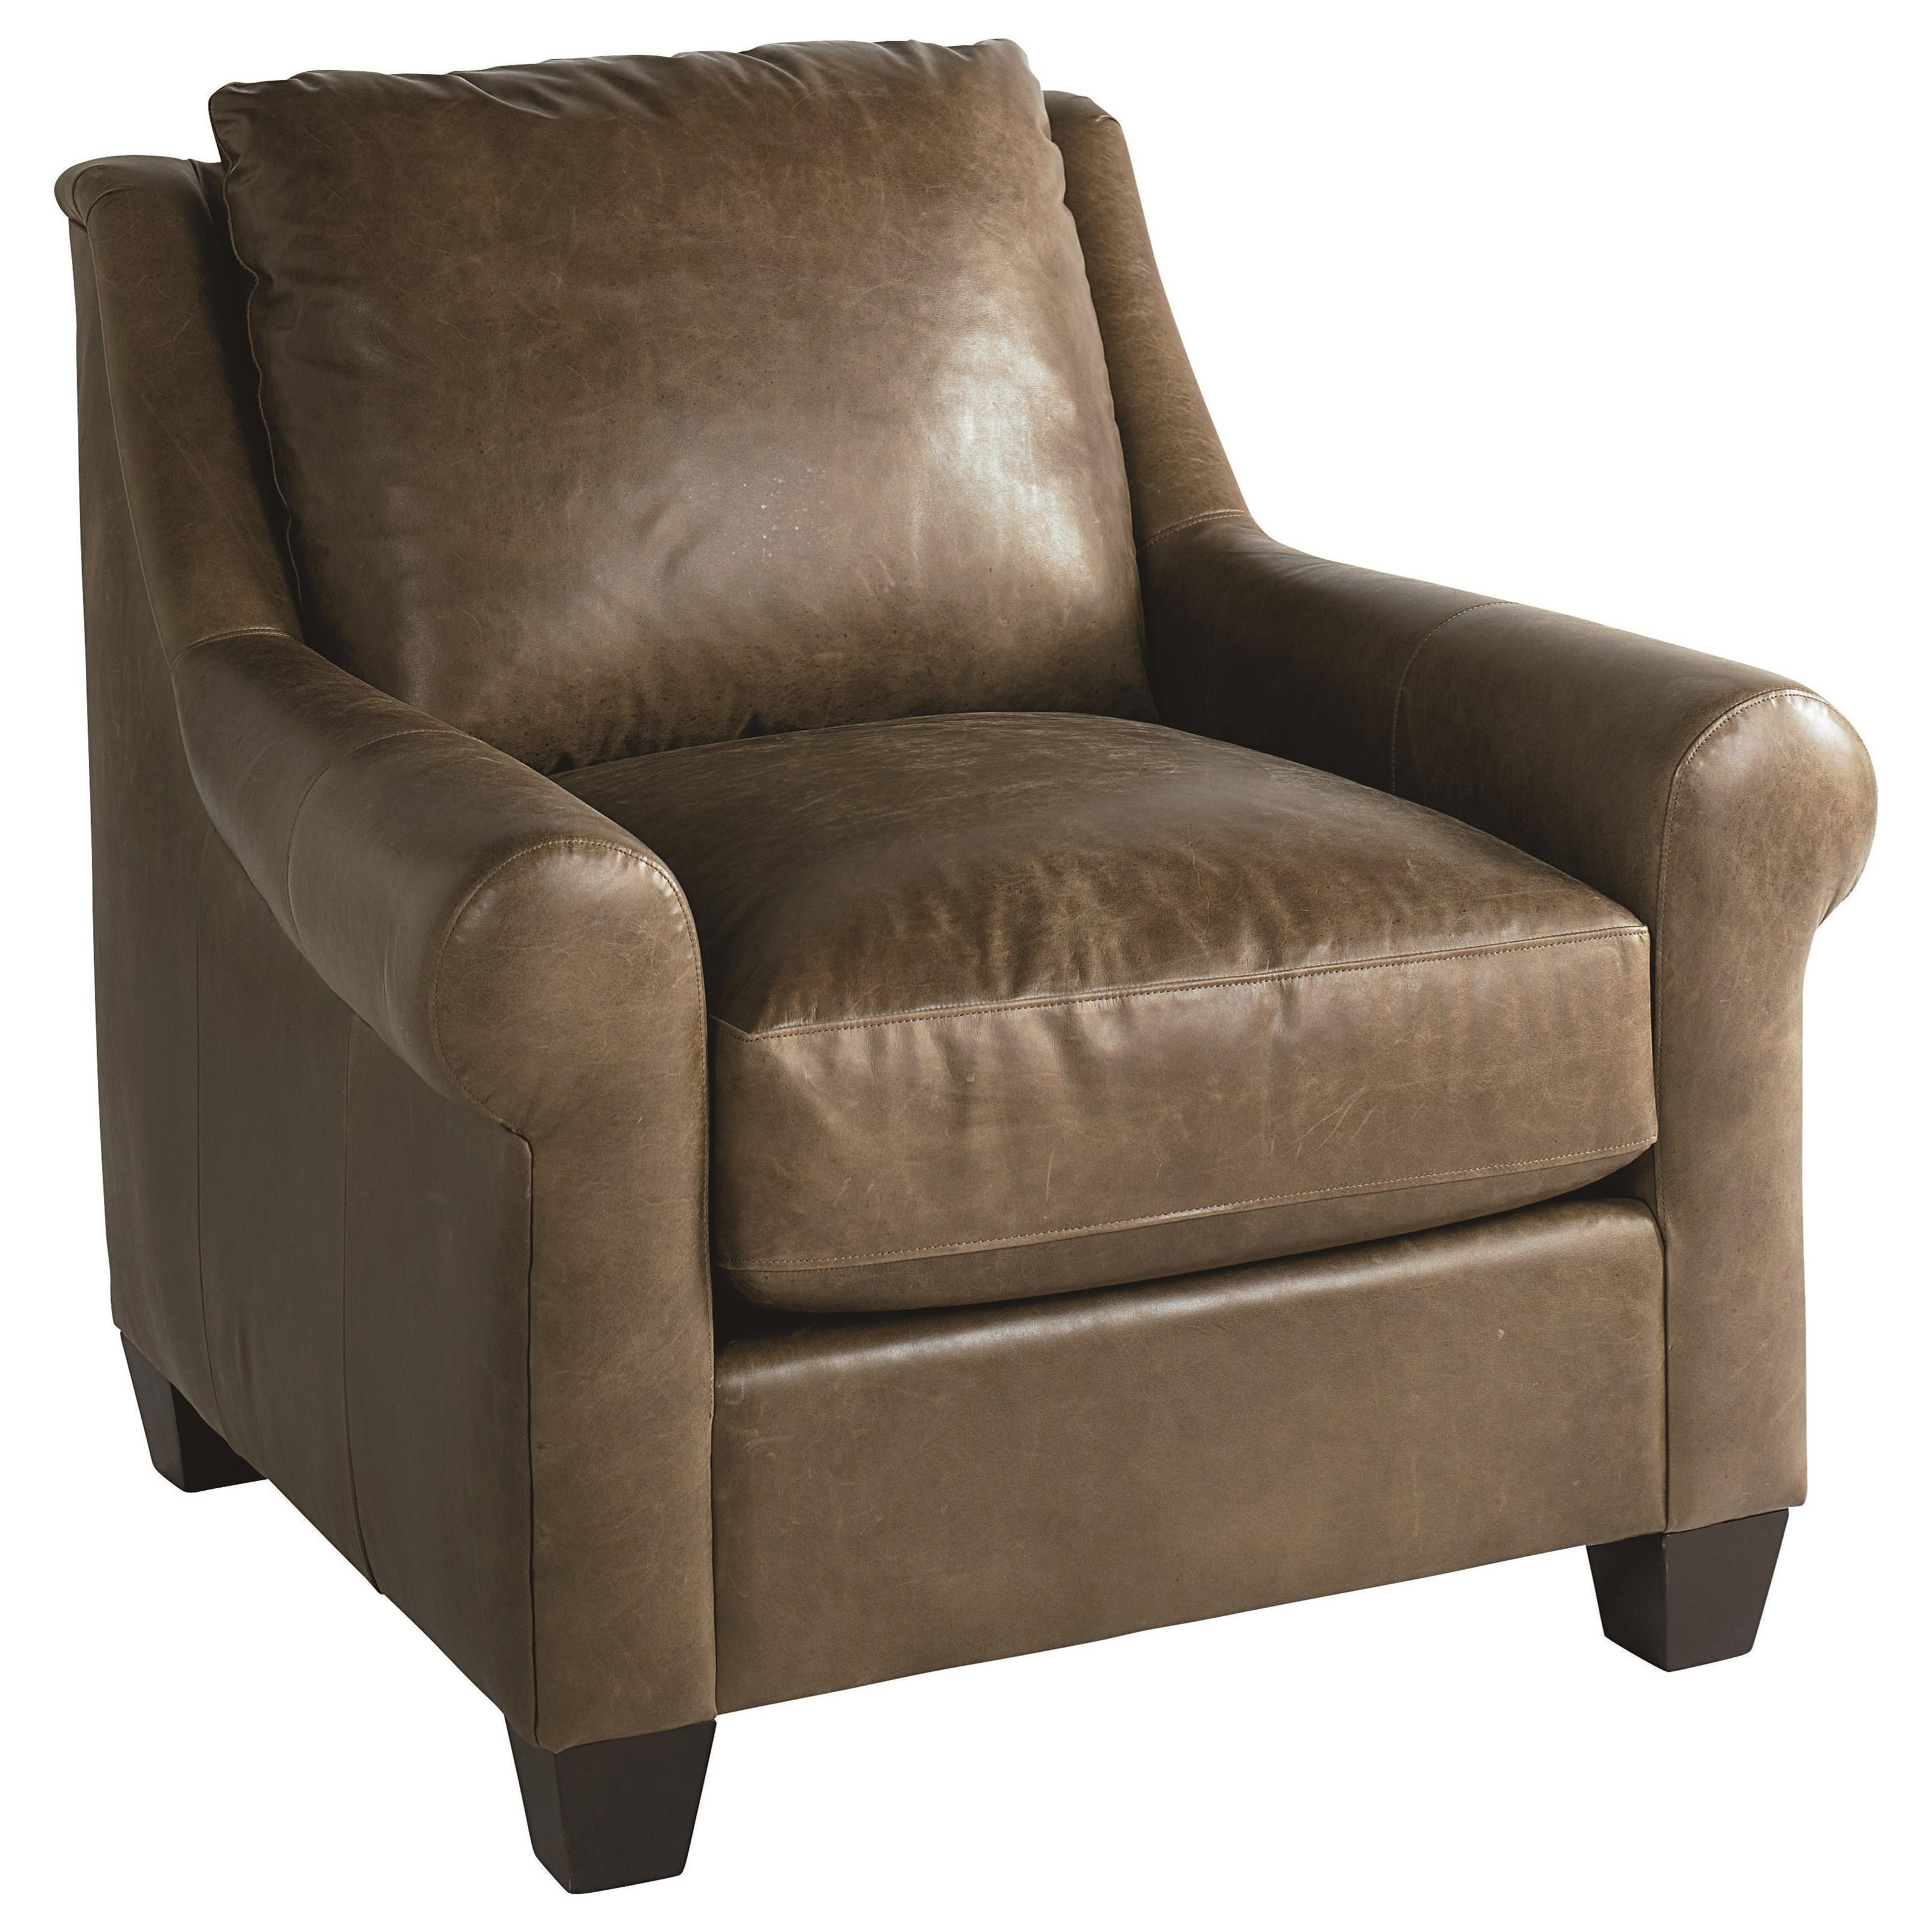 Ellery Chair by Bassett at Bassett of Cool Springs